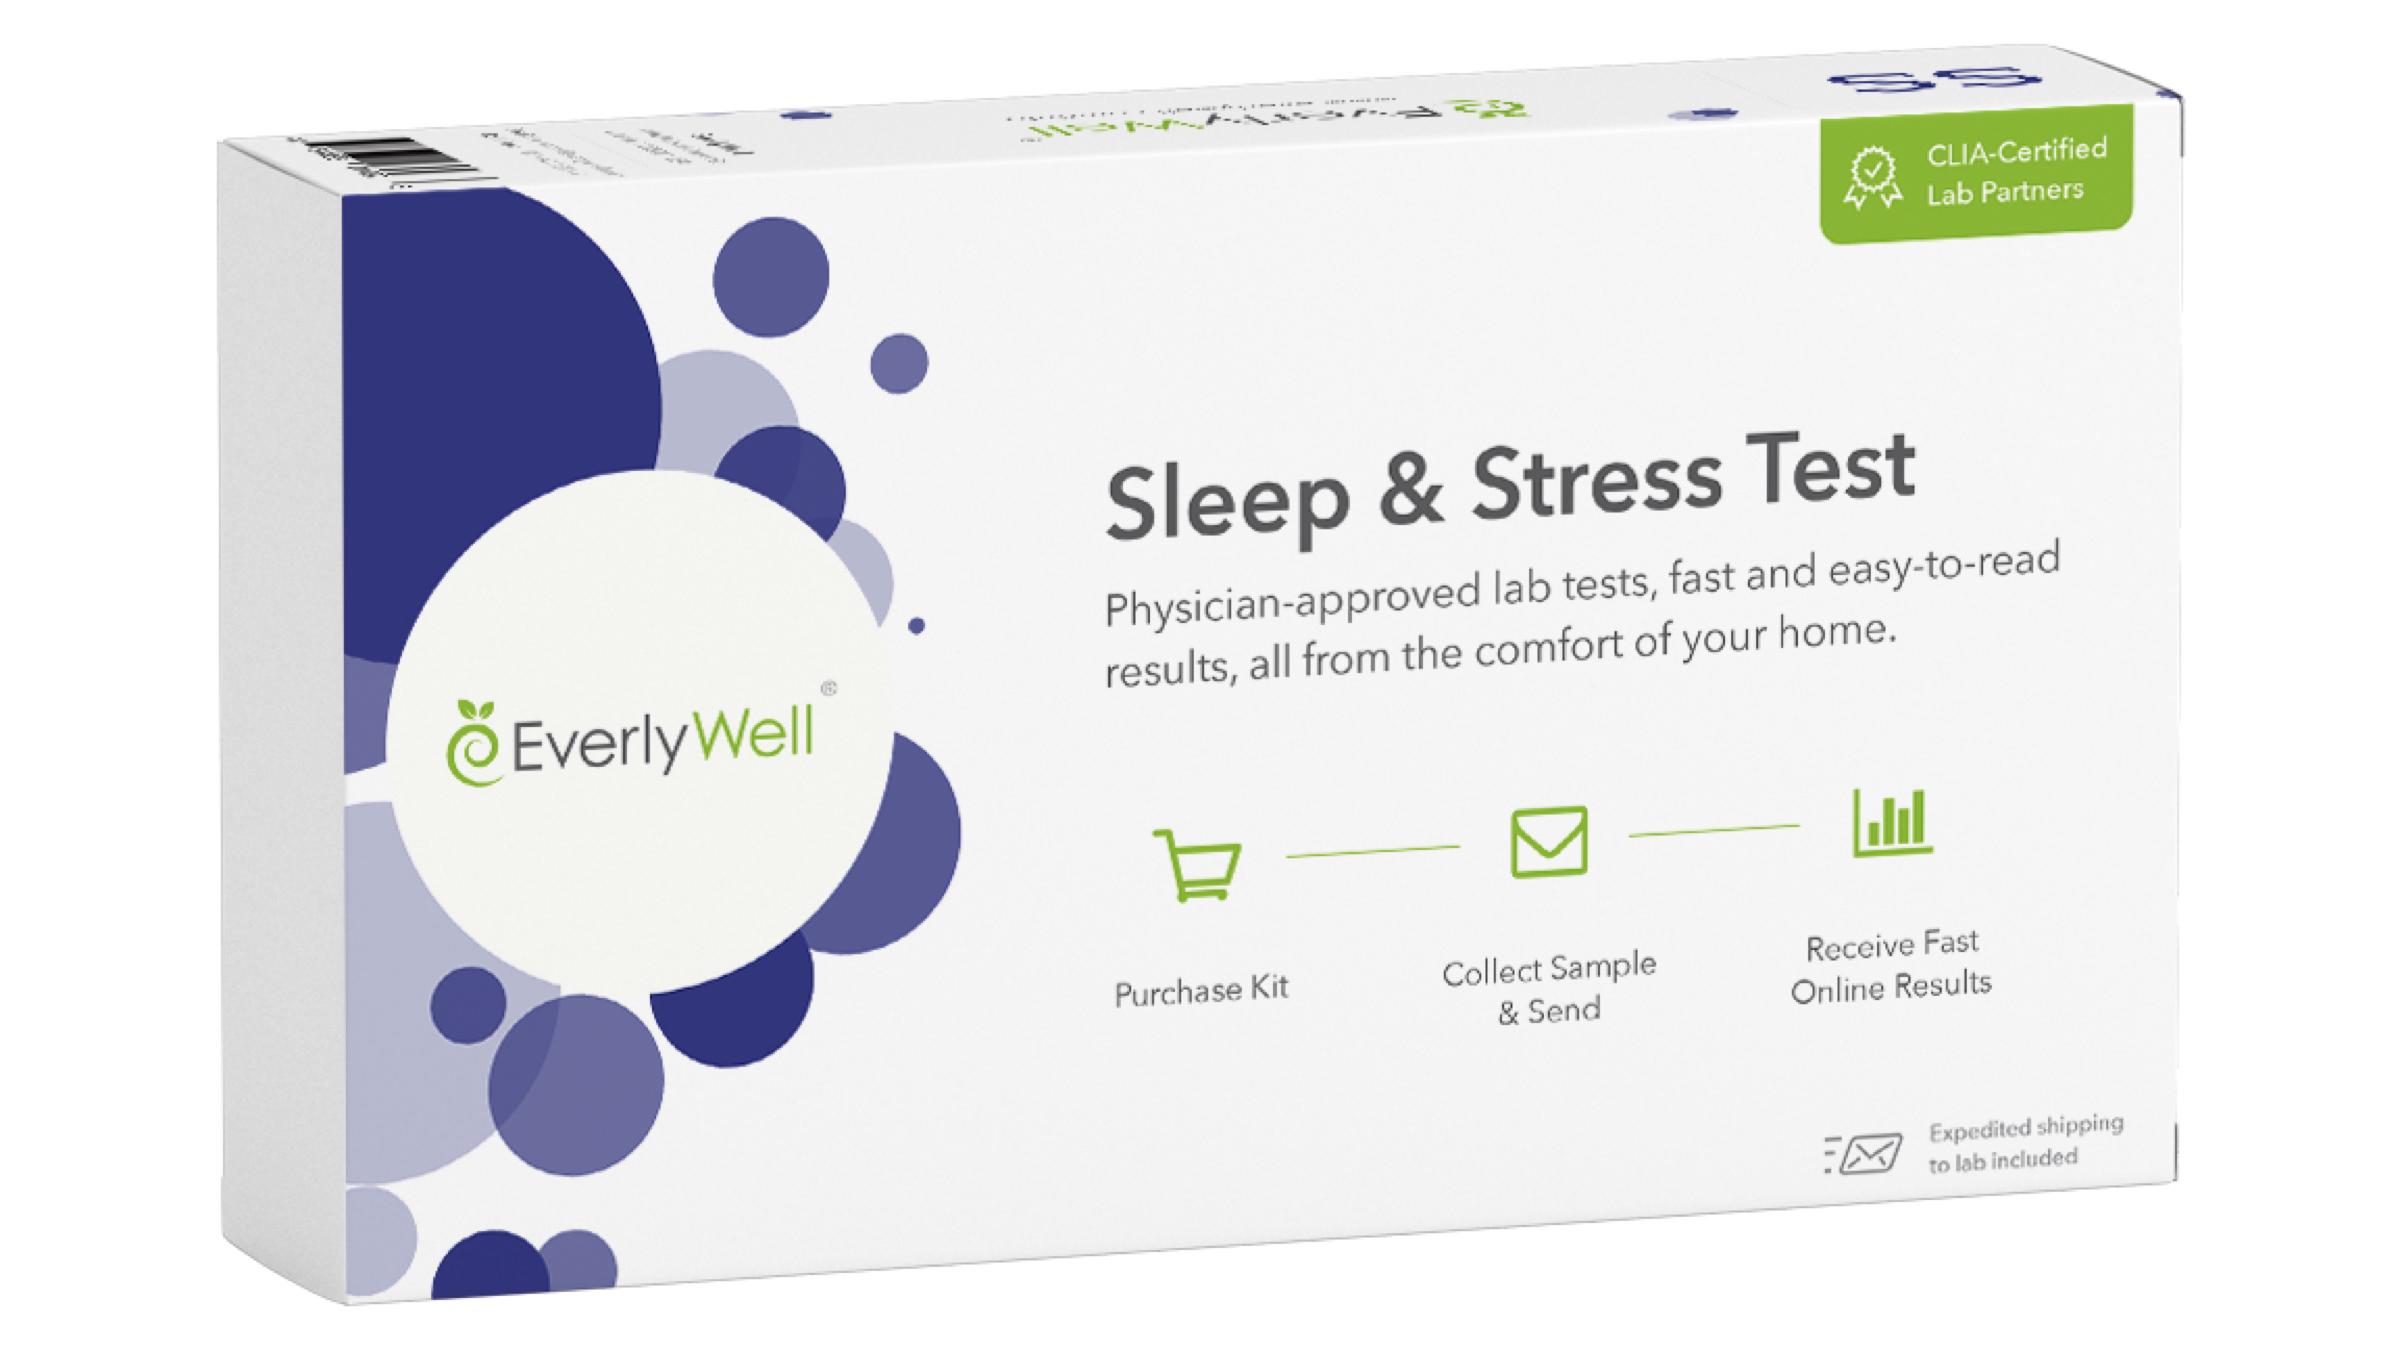 Sleepstresstest9x16